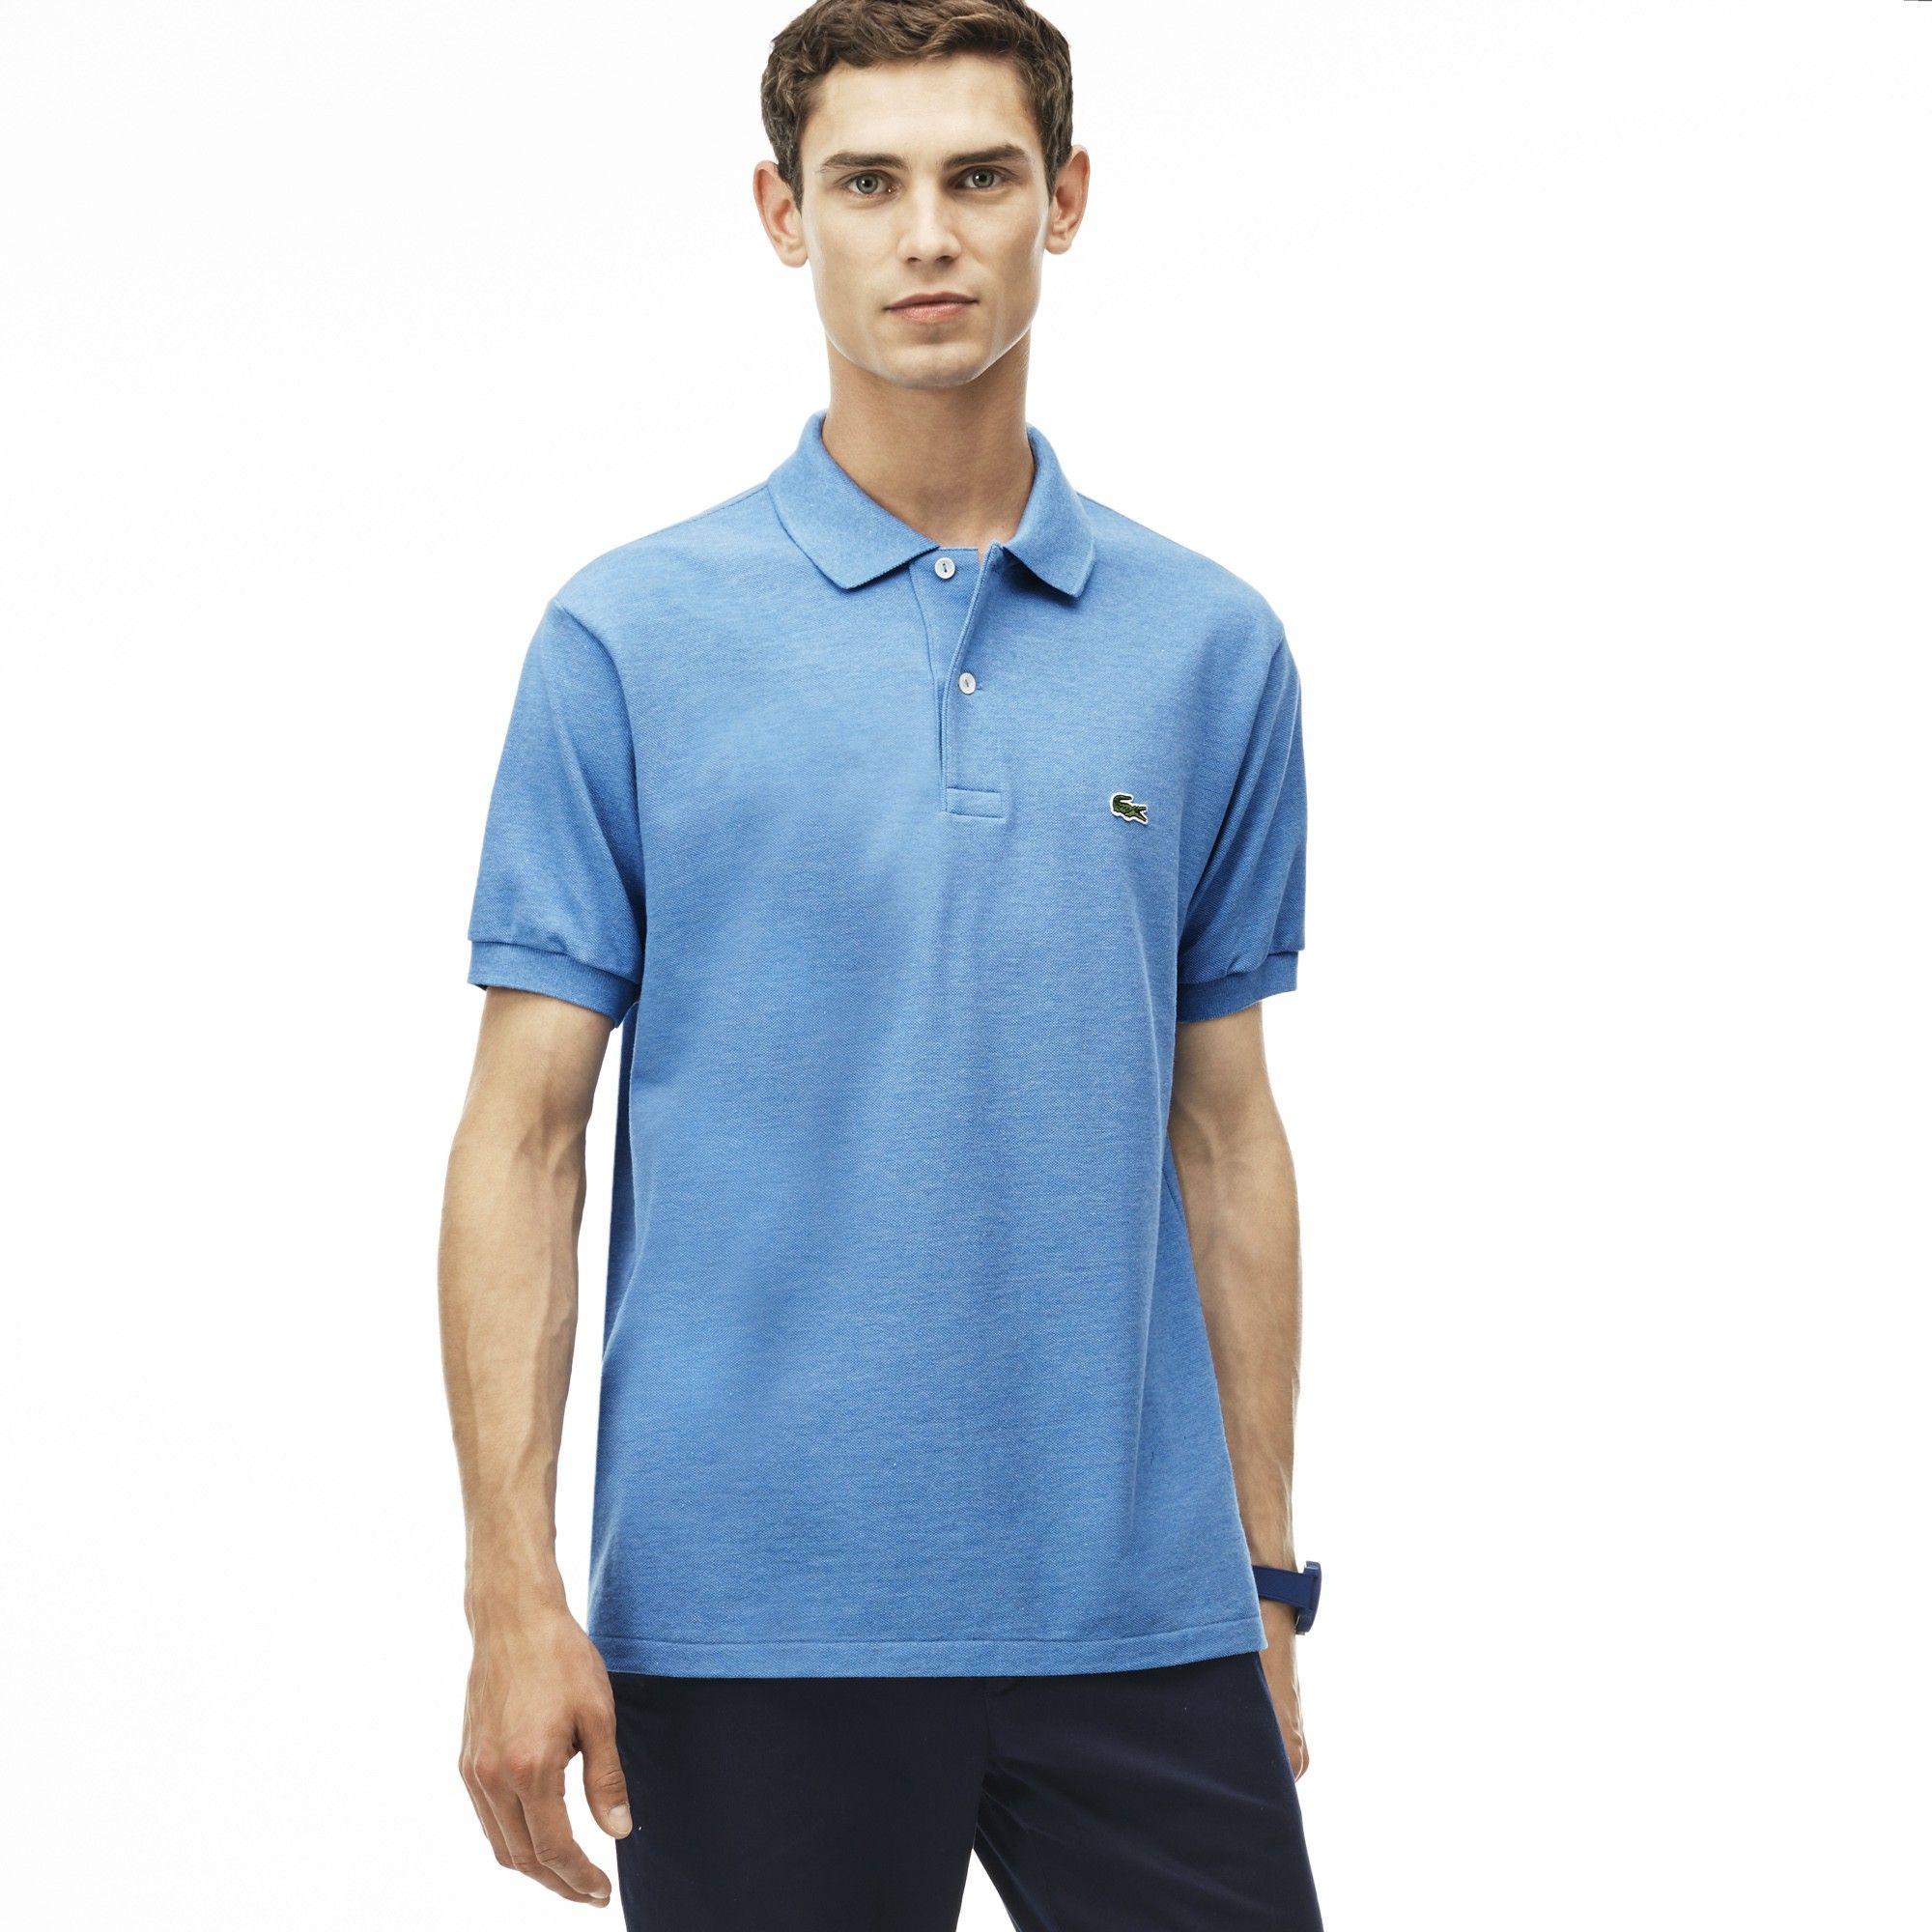 24fb958a LACOSTE Men's Classic L.12.12 Chine Piqué Polo Shirt - horizon blue ...